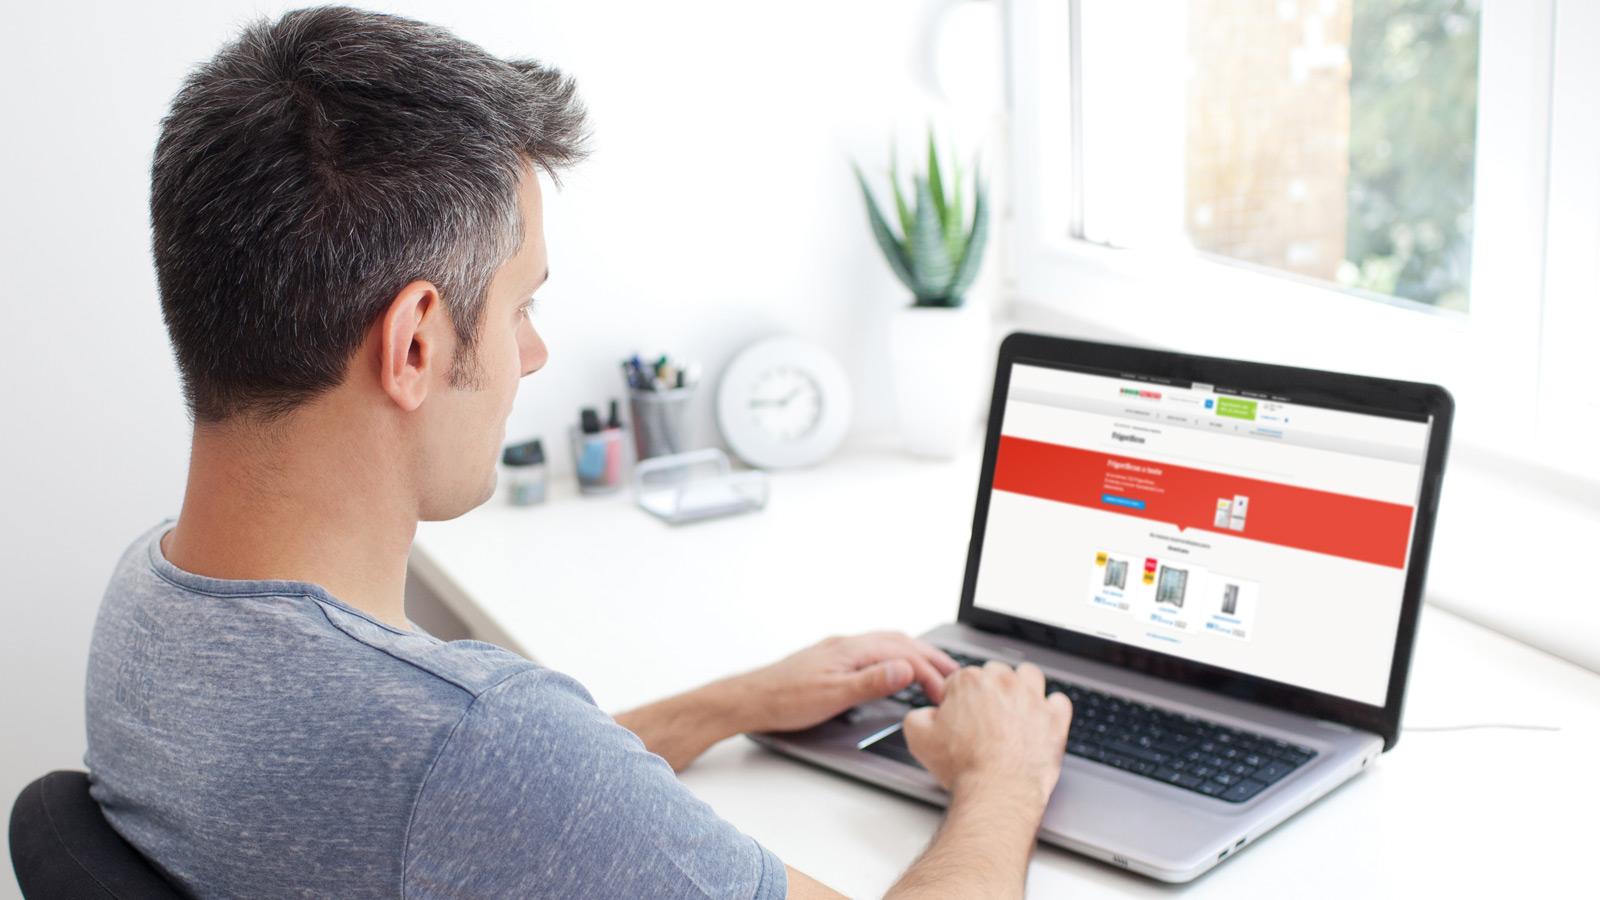 Poupe em produtos e serviços com as novas funcionalidades do site